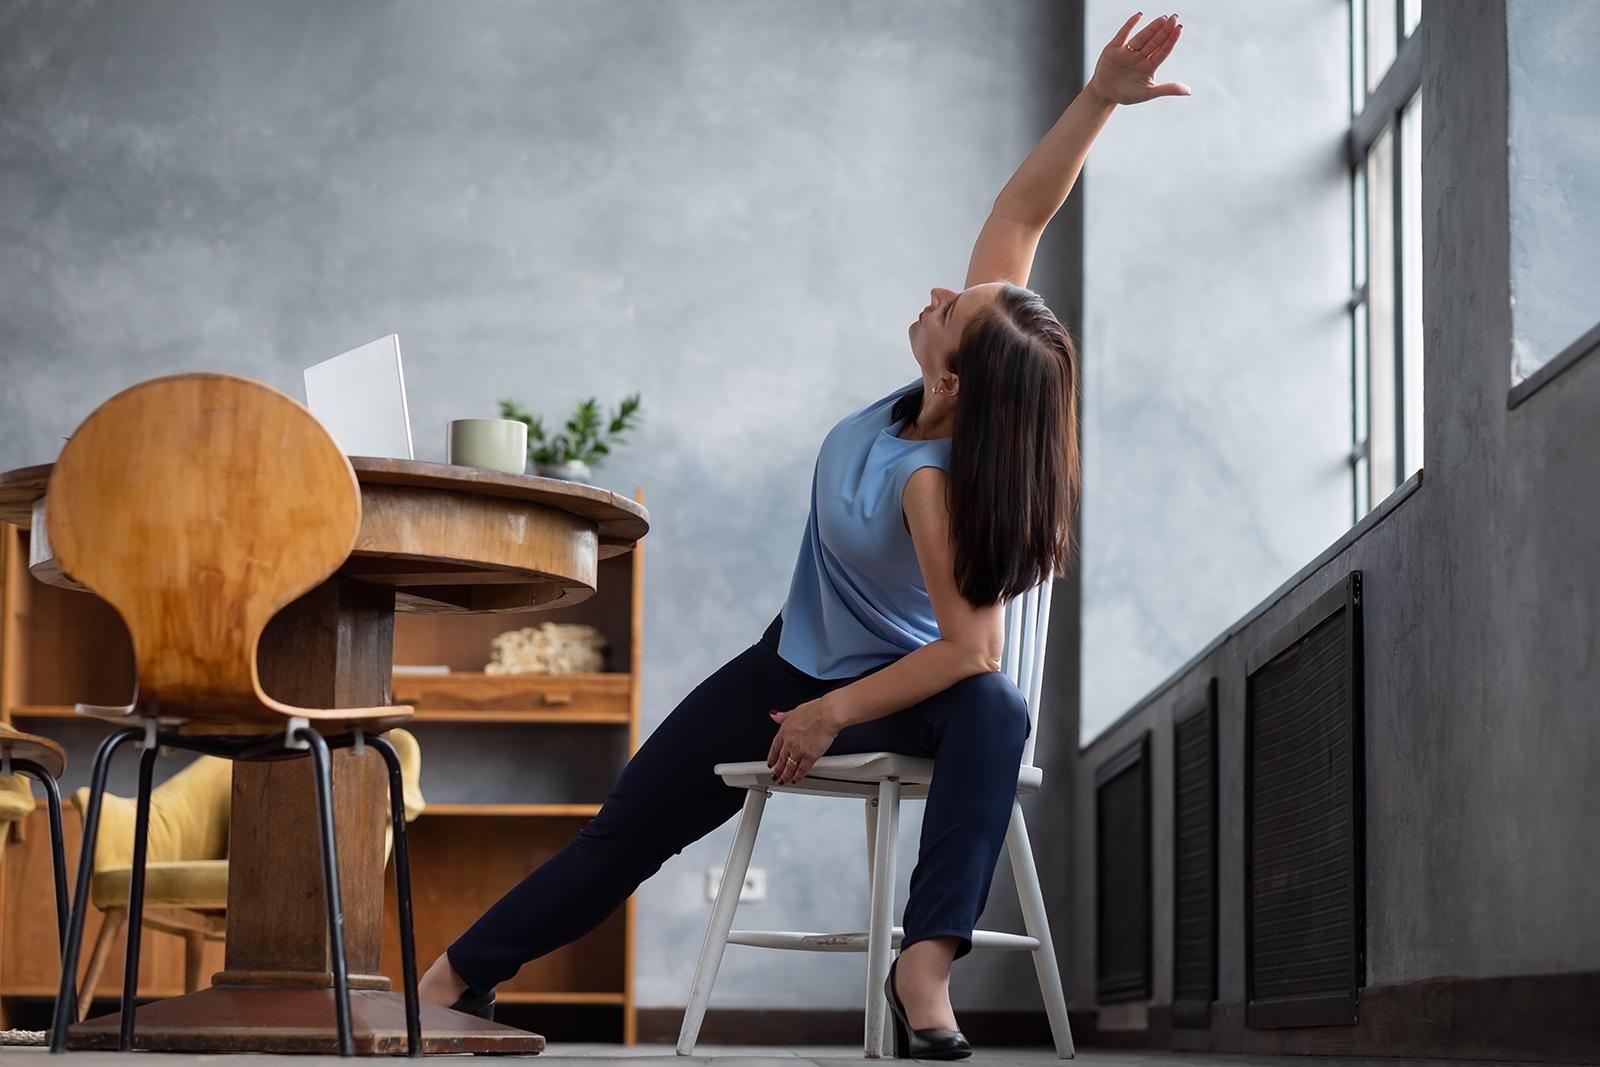 Mujer practicando yoga silla en casa